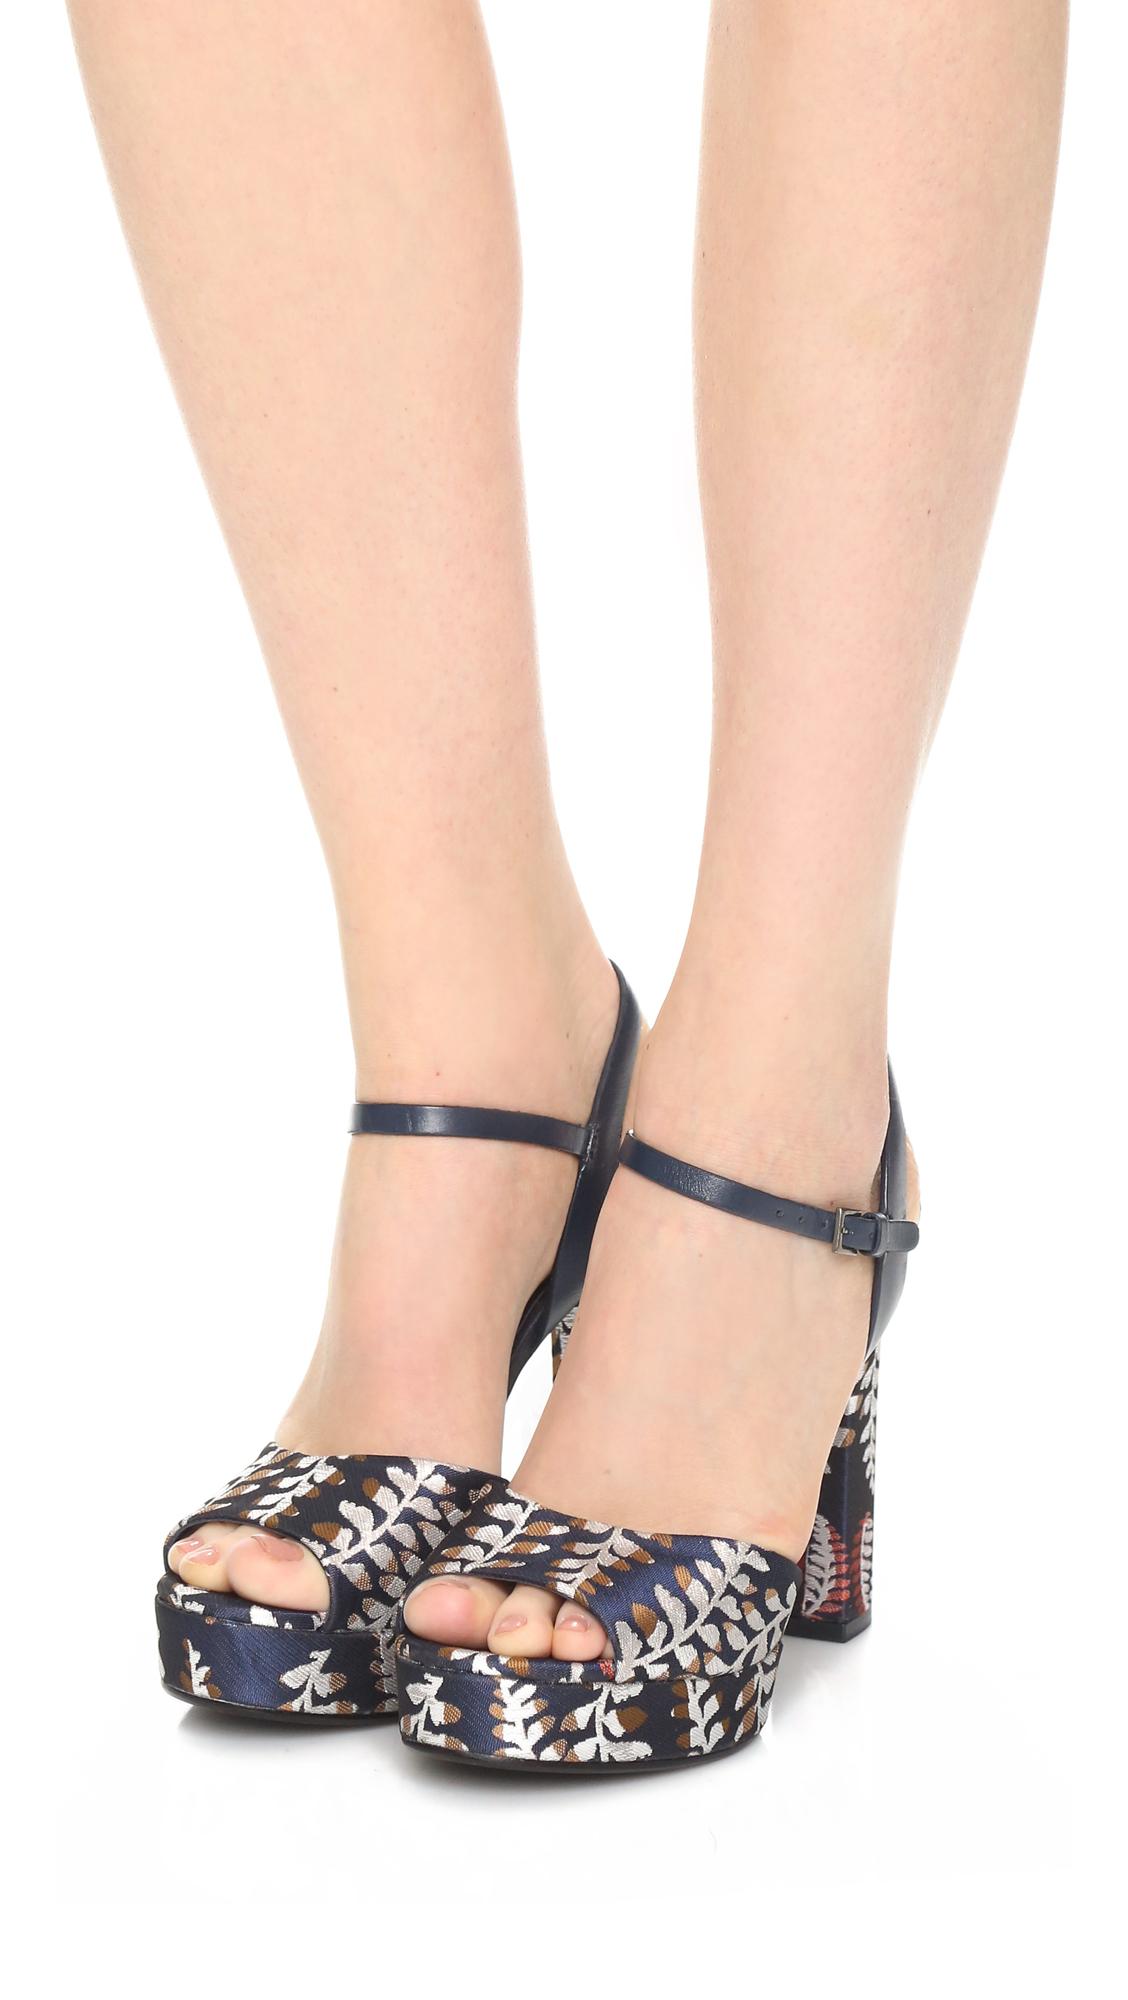 ce4bee8d20d Tory Burch Solana Platform Sandals